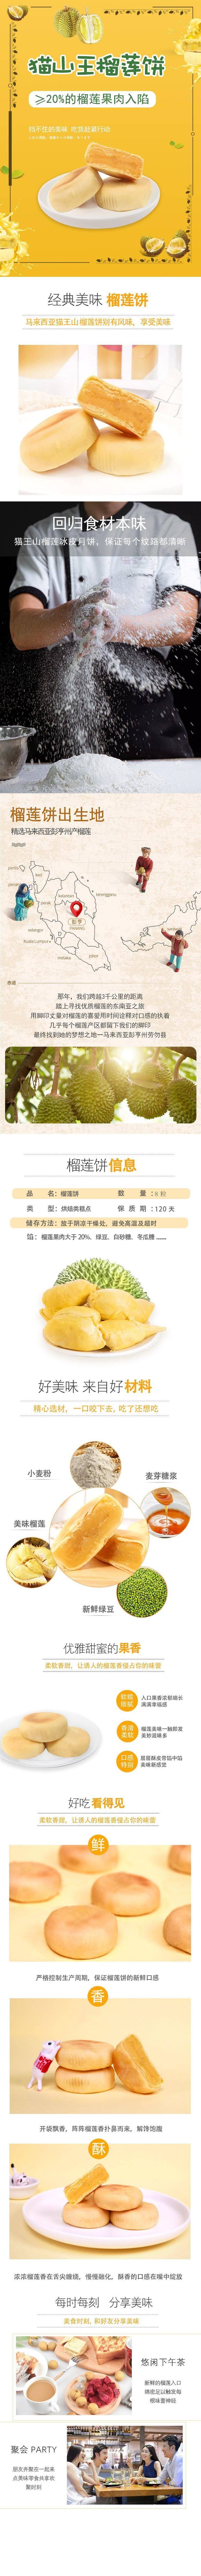 39.9元抢2箱猫山王榴莲饼(400g*2箱,1箱8枚)